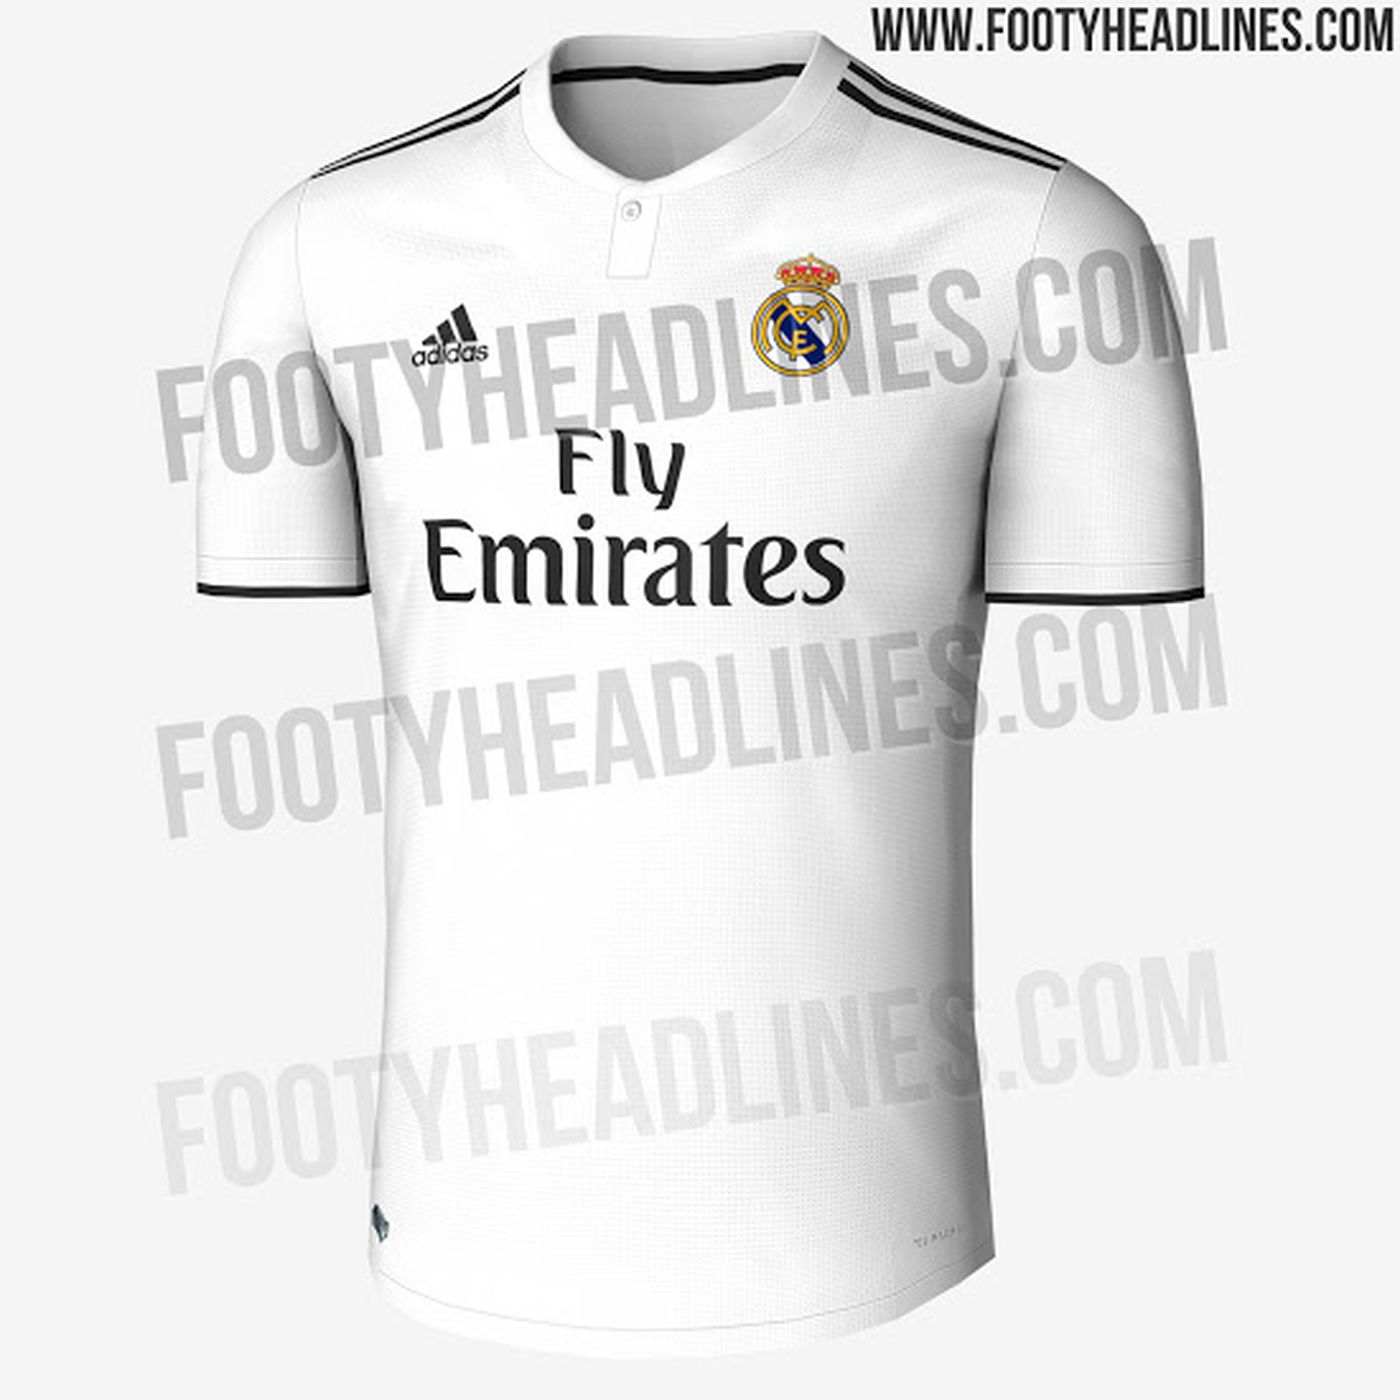 Real Madrid 18 19 home kit leaked - Managing Madrid 6f83f4340